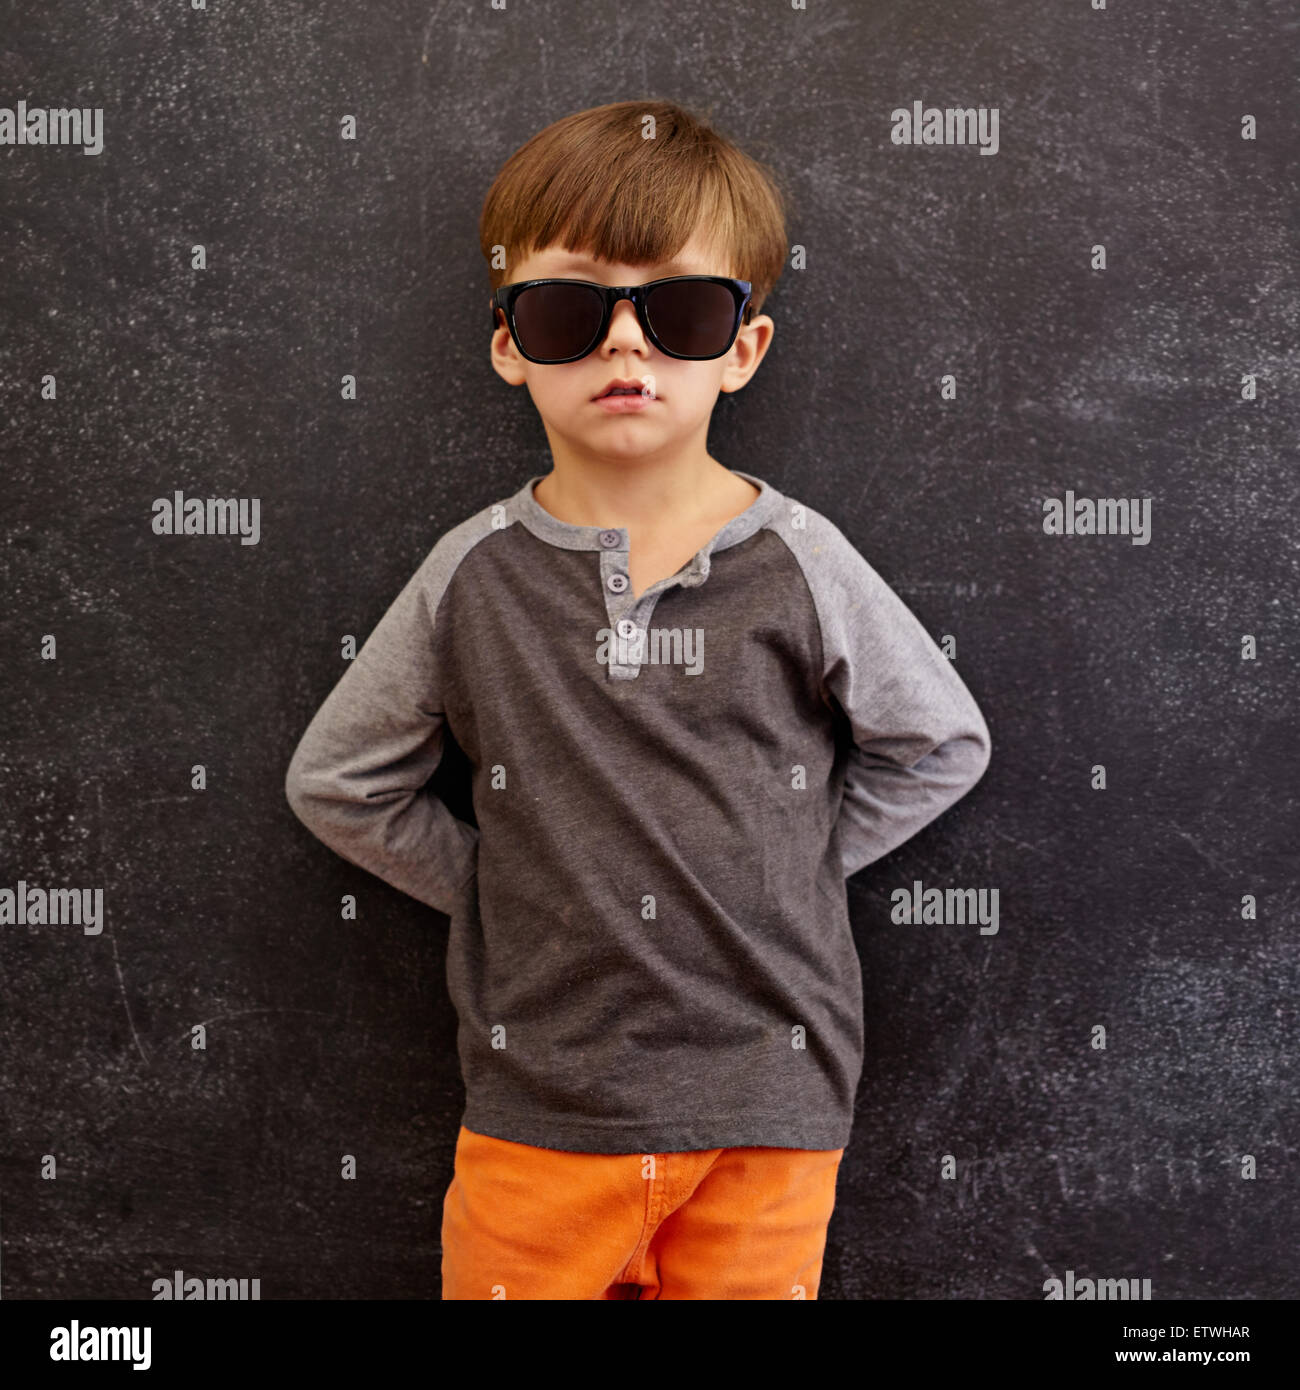 Retrato de niño inocente con gafas de sol. Niñito recostado en una pizarra. Composición de cuadrados. Imagen De Stock